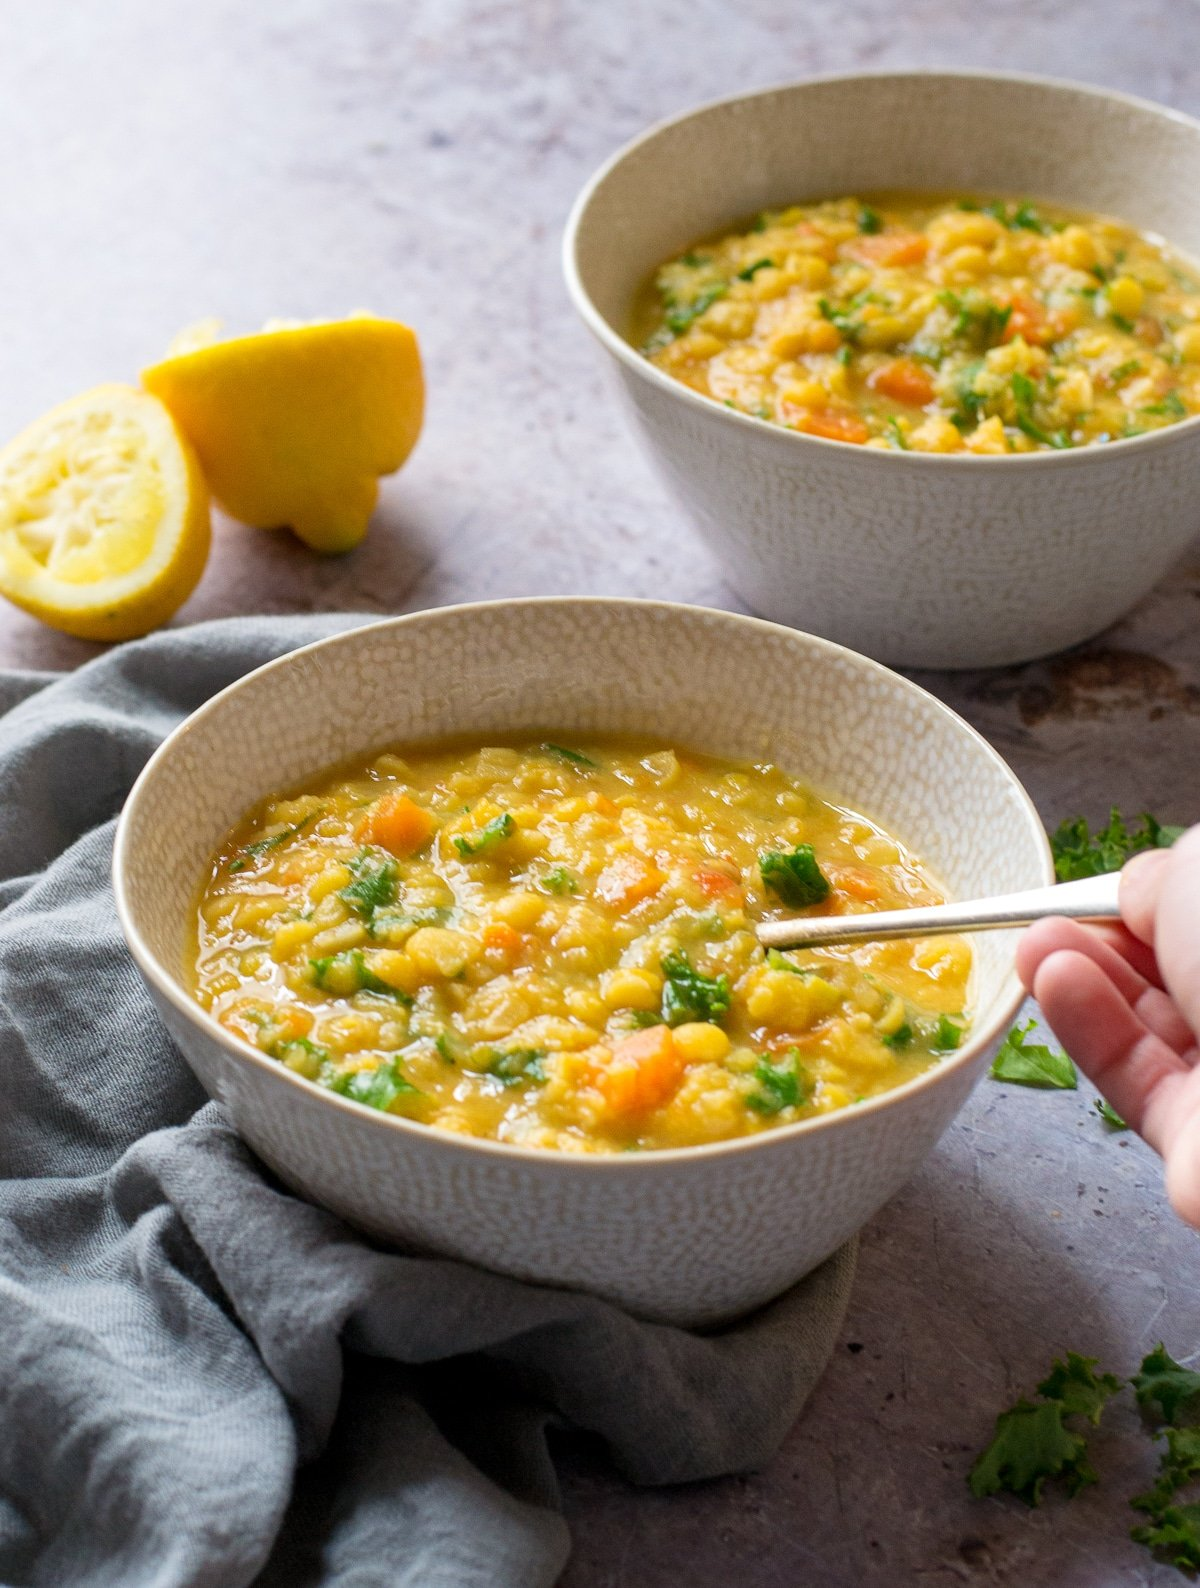 Taking a spoonful of Split Pea Soup